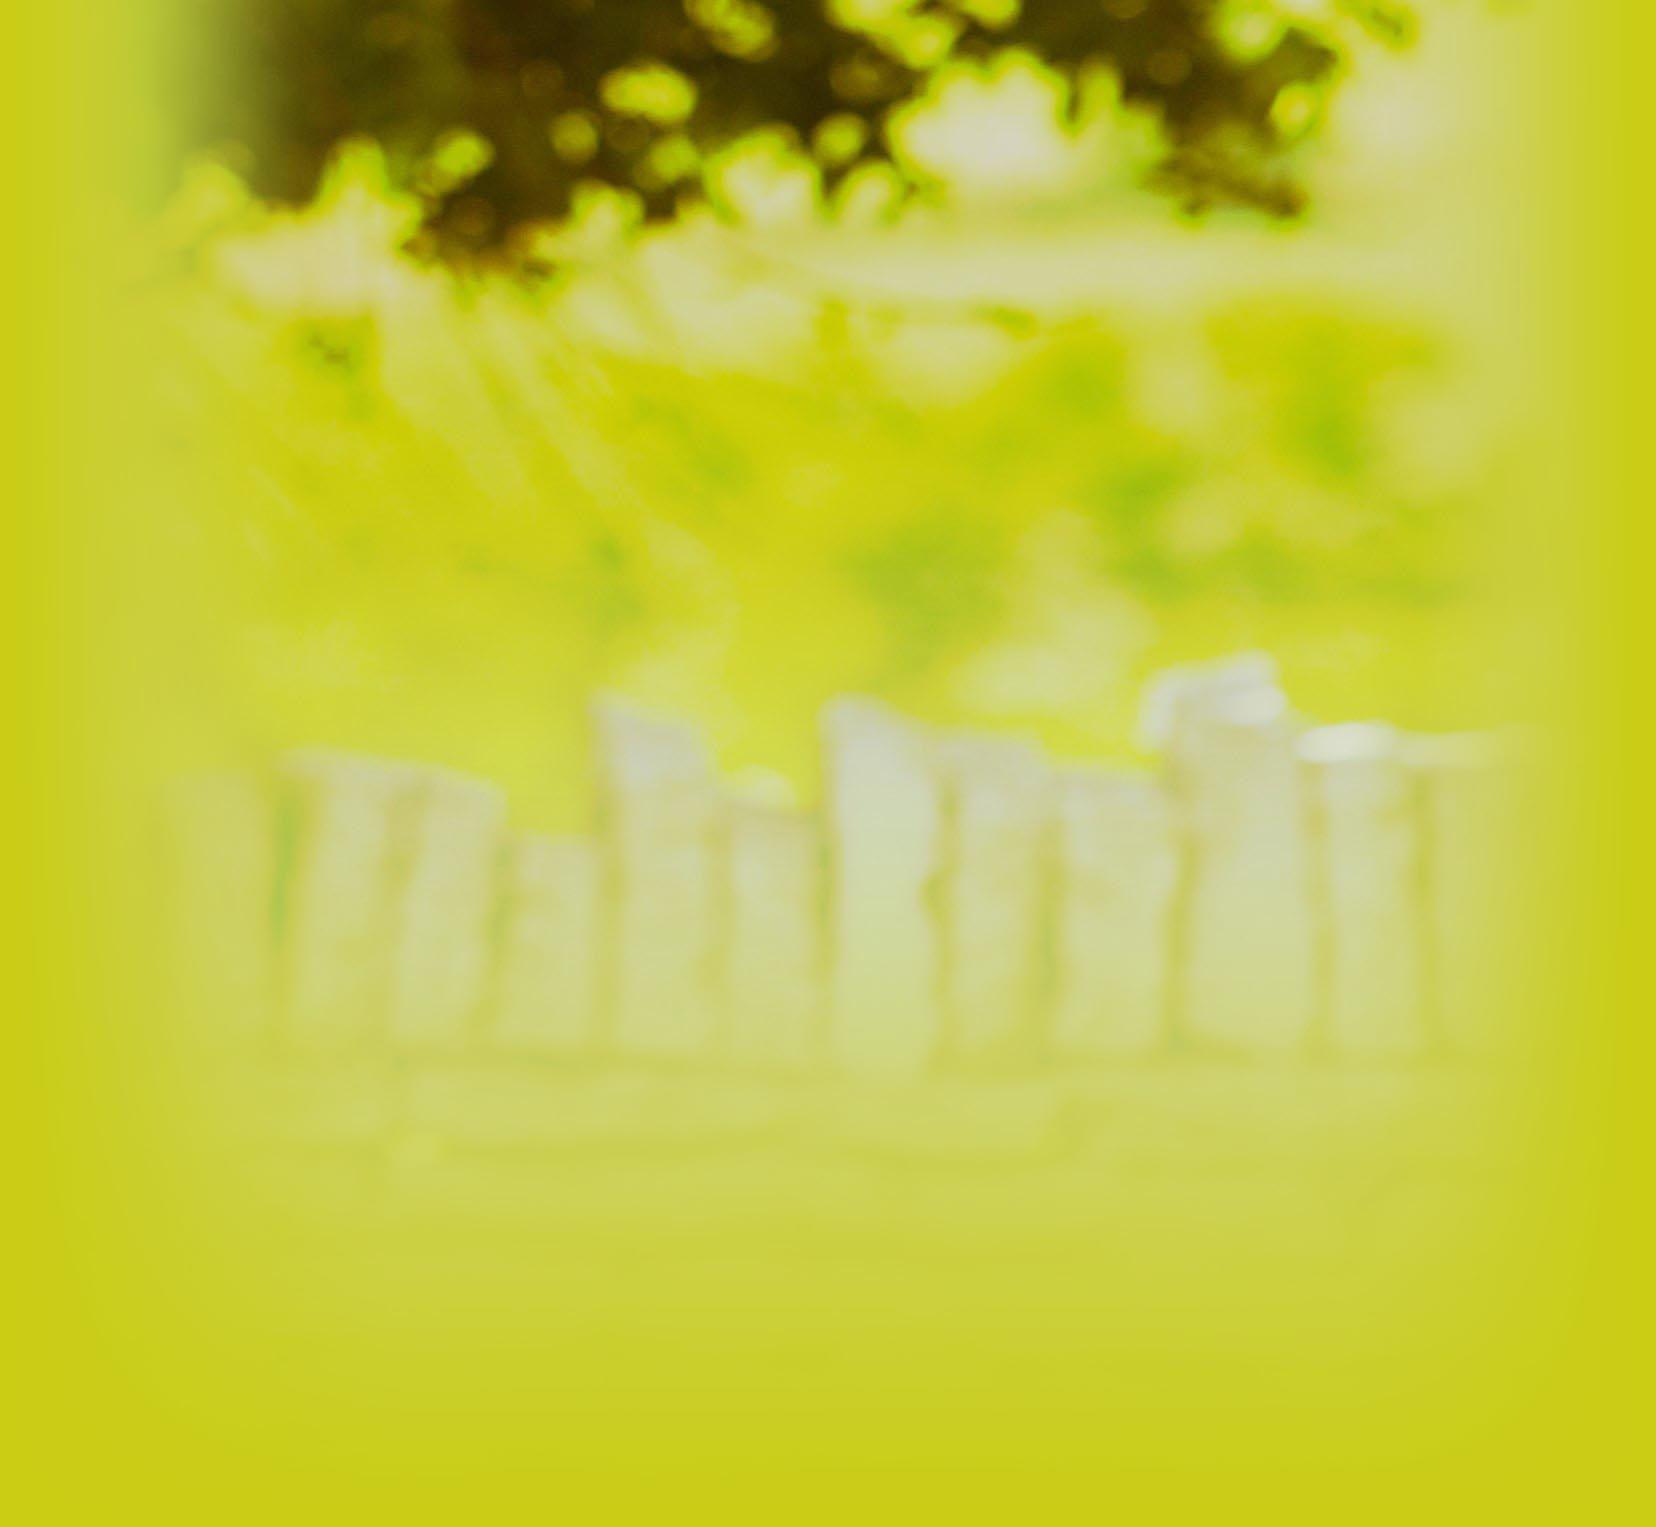 backgroundgreen